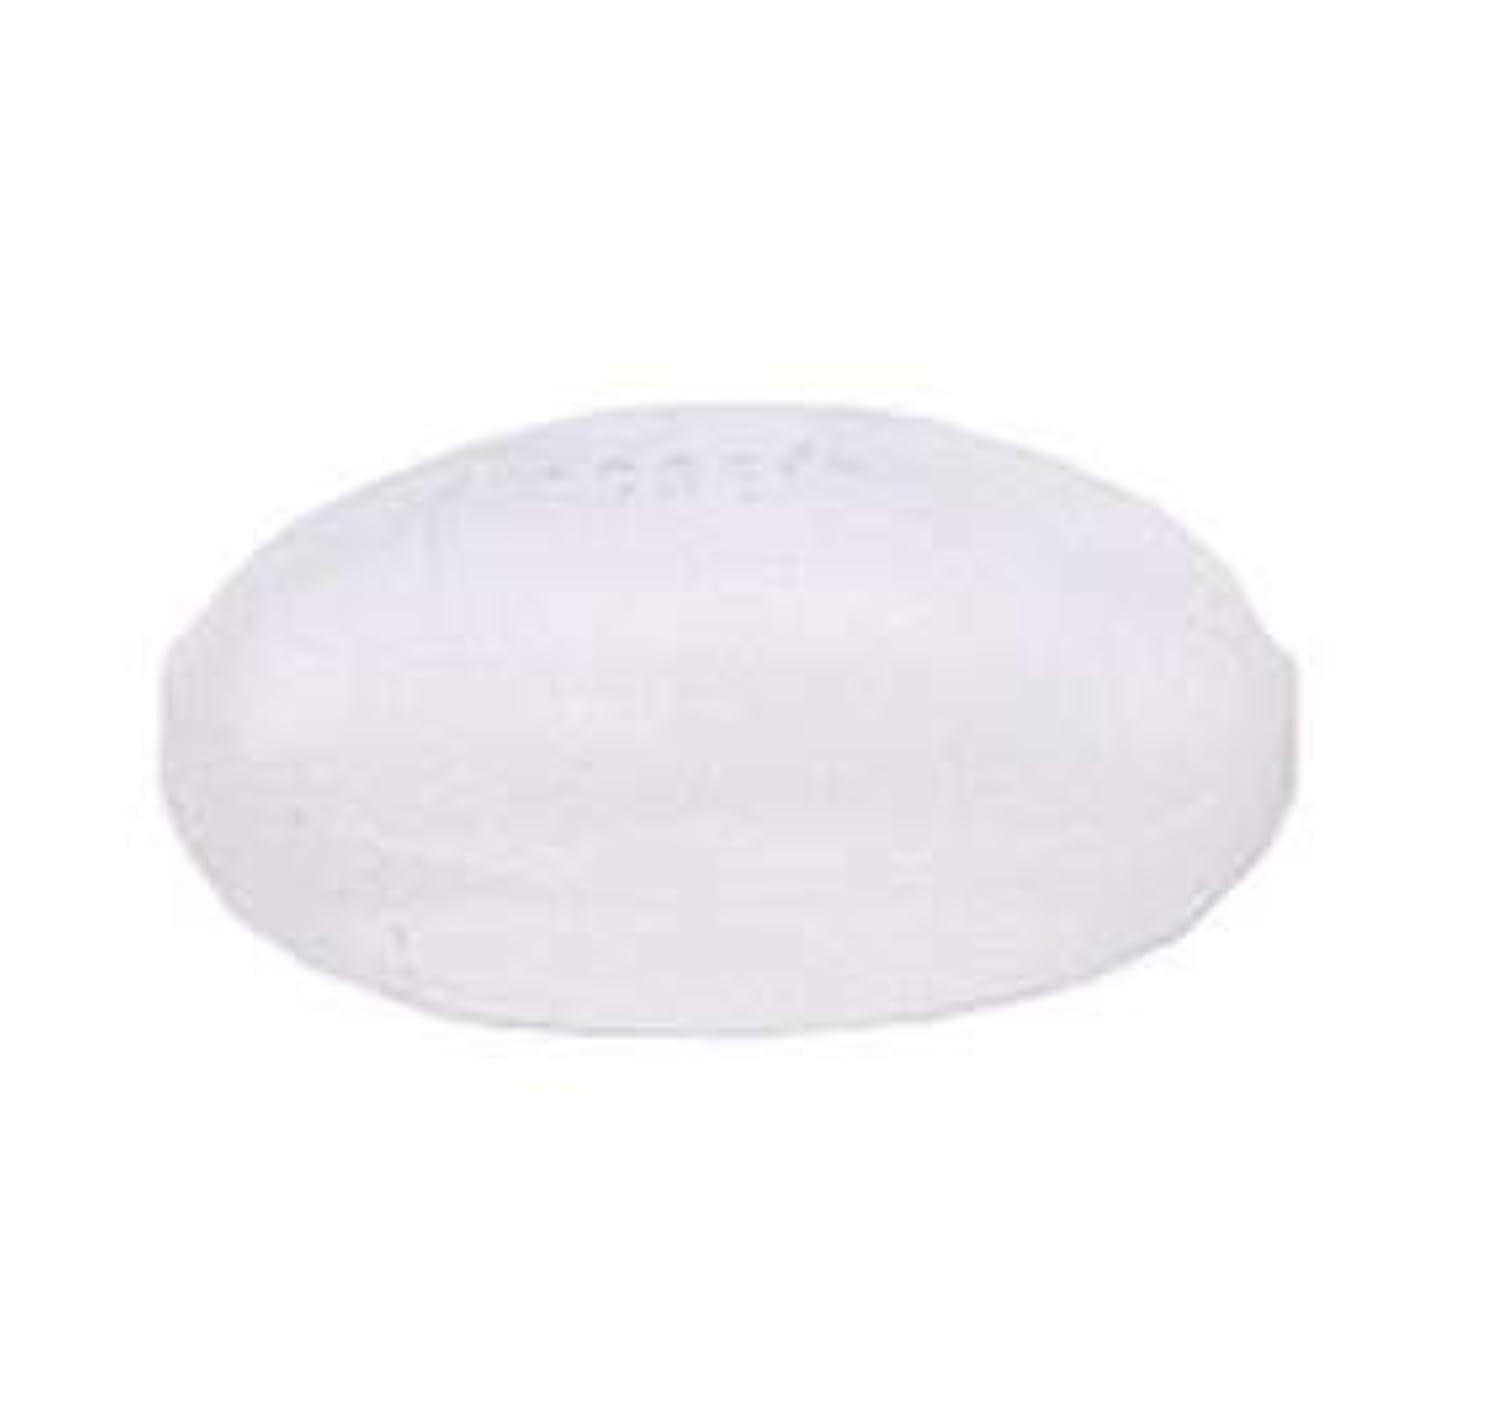 連帯ラップゴミ箱フェイシャルソープAD 100g